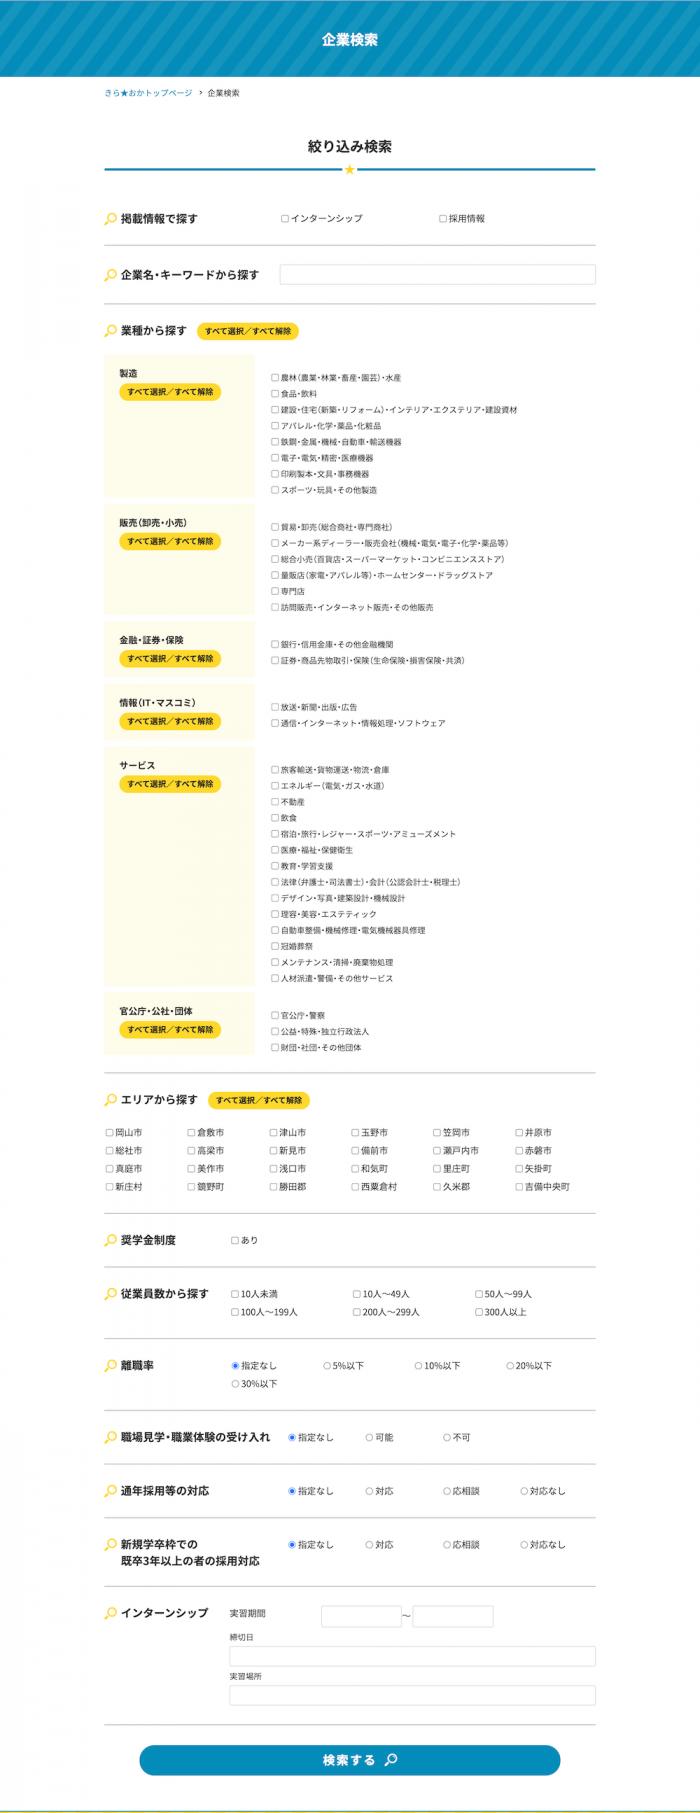 きらり輝くおかやま企業丸わかり情報サイト「きら☆おか」サイトリニューアル(岡山県委託事業)